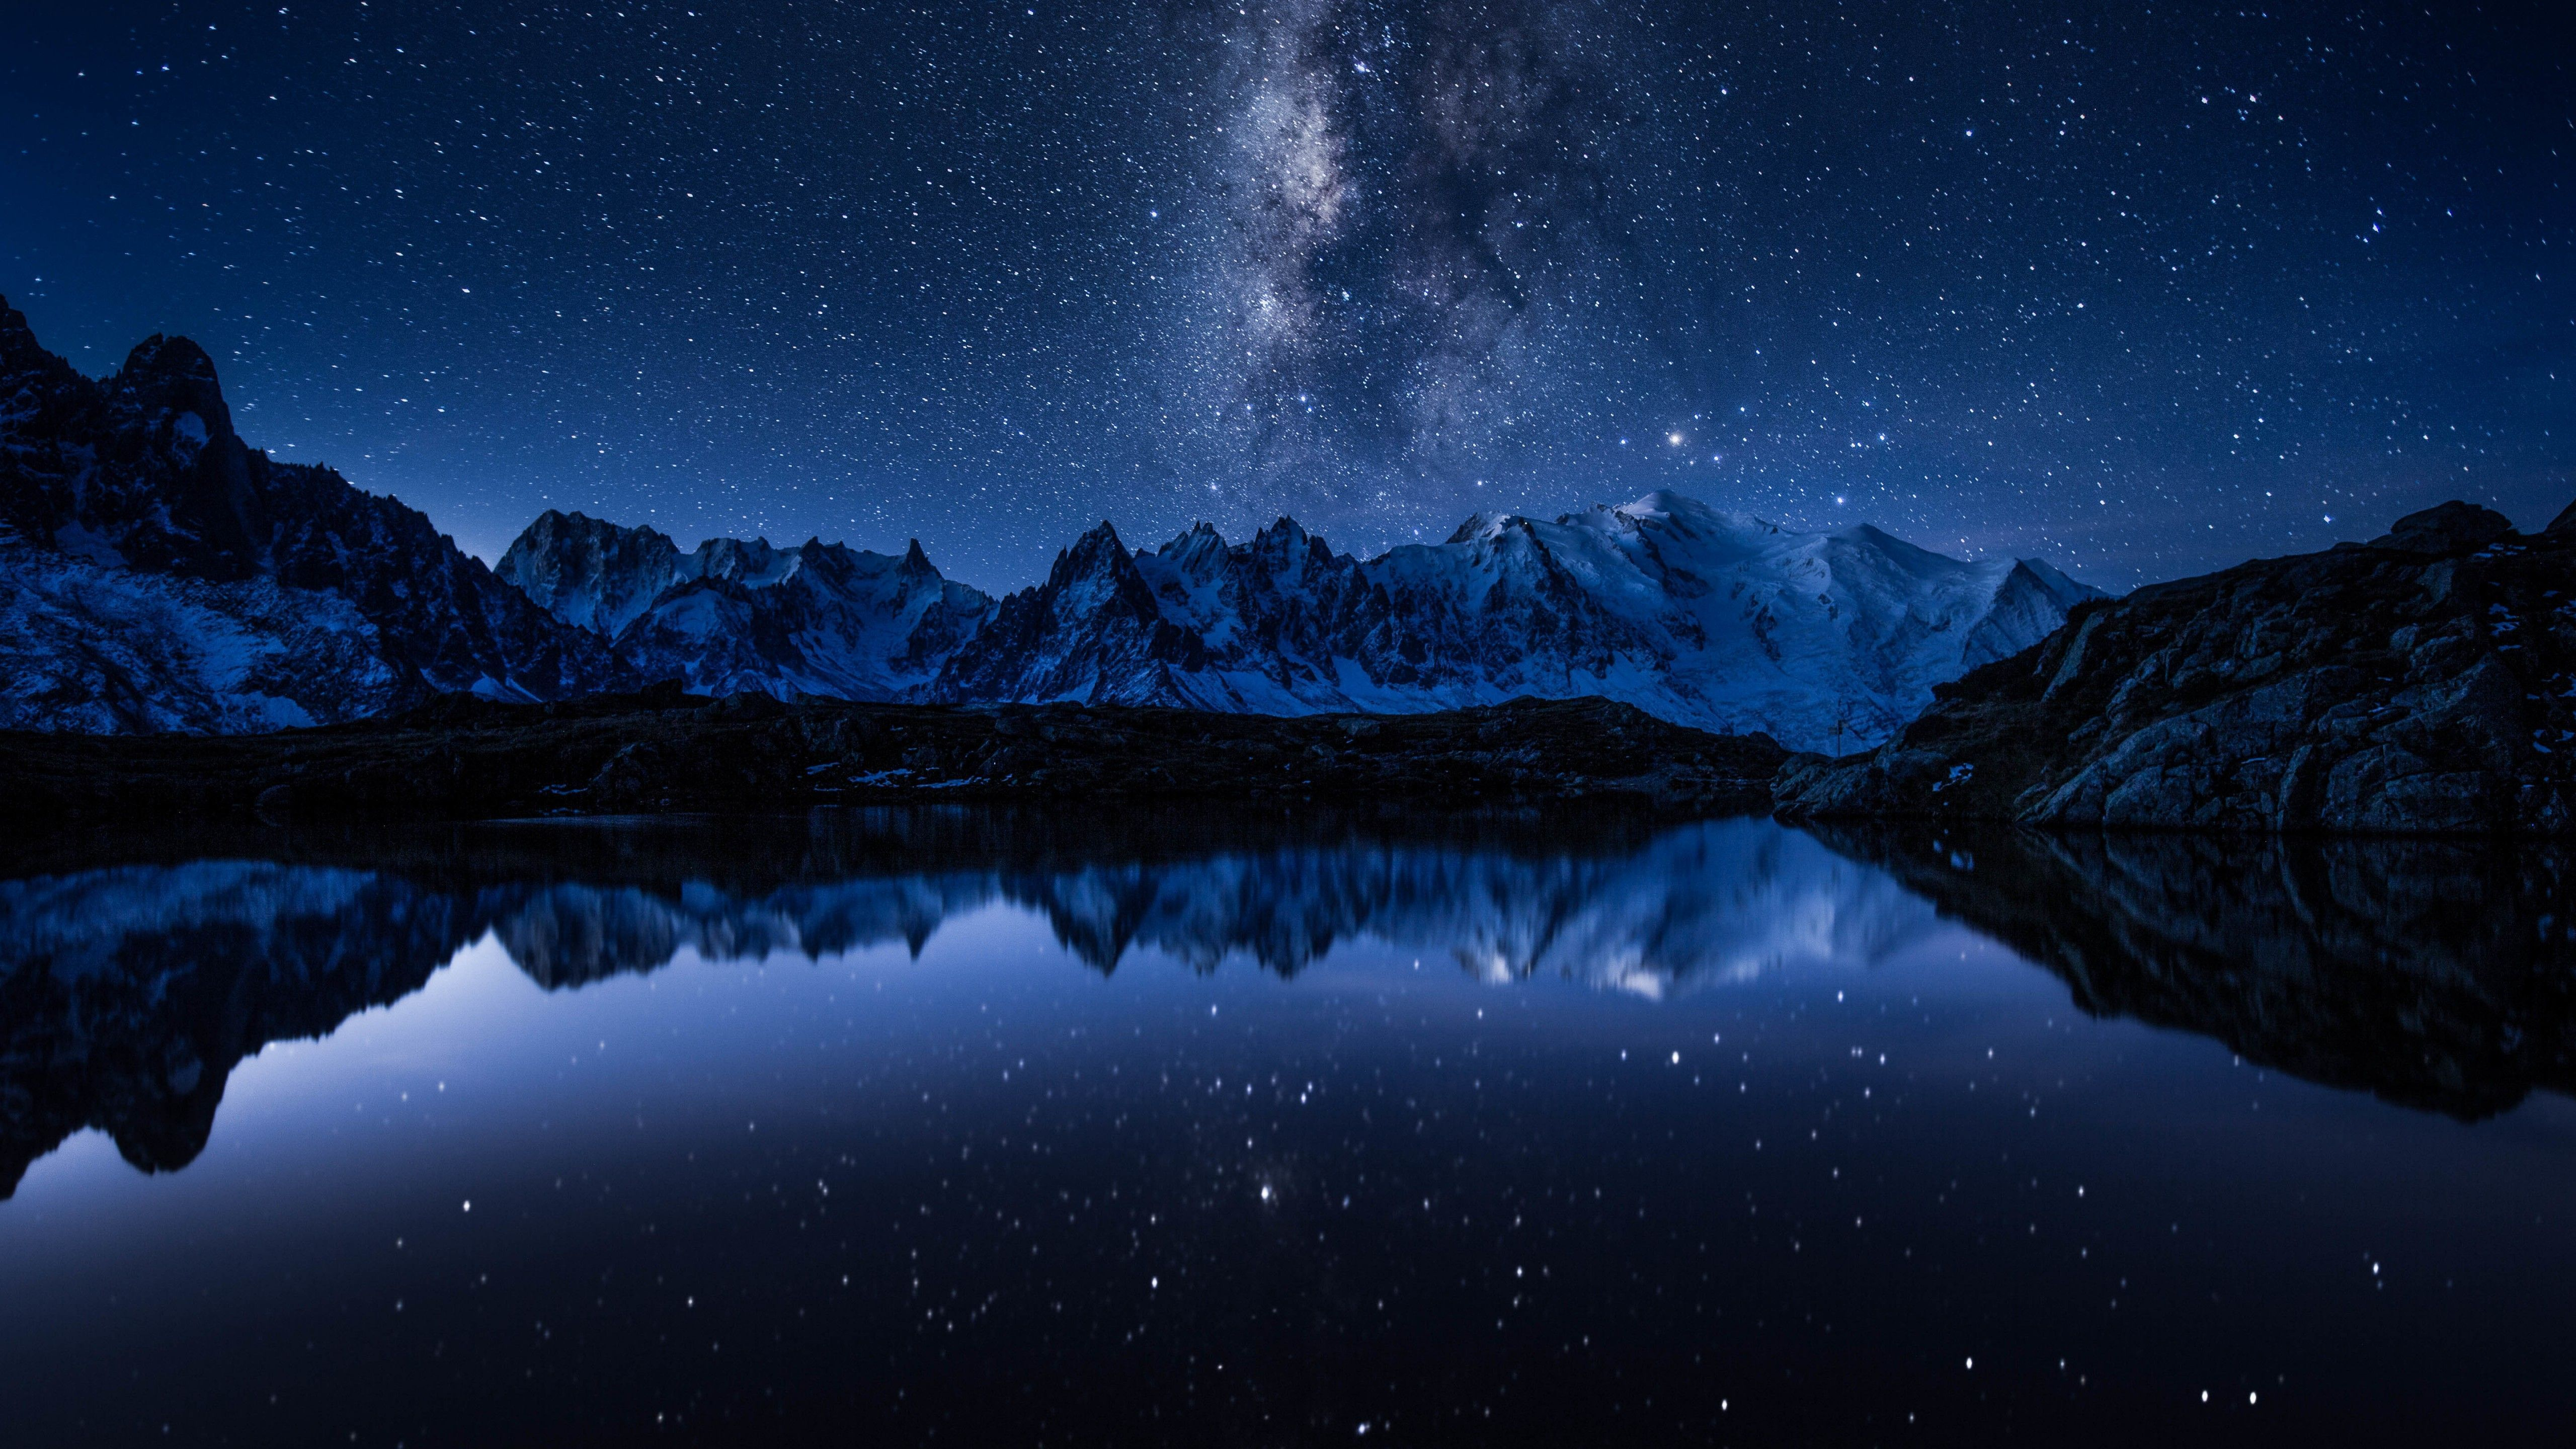 stars-5120x2880-mountains-lake-5k-17391.jpg